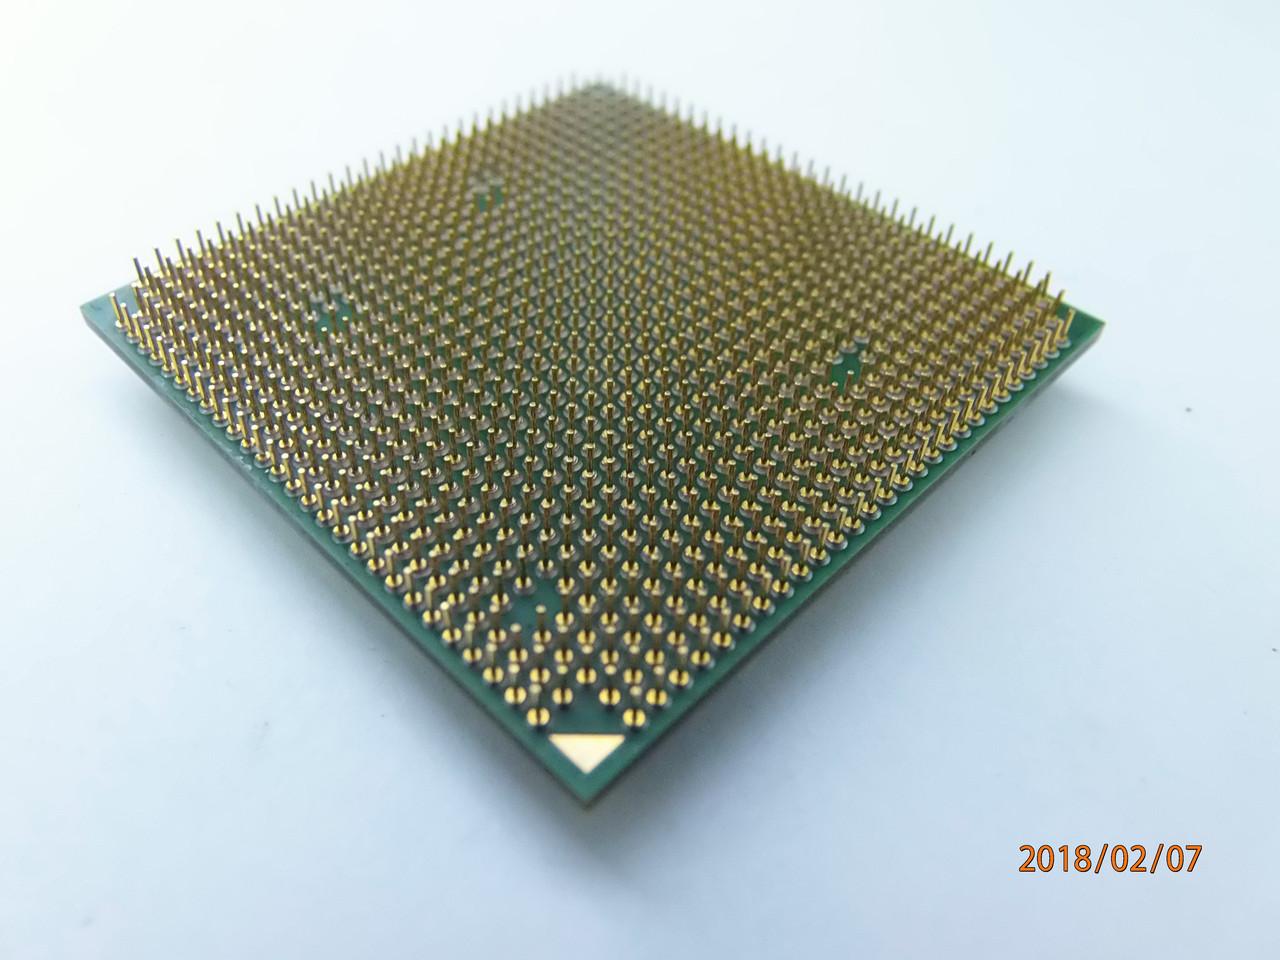 Процесор Athlon 64 X2 3800+ 2GHz (rev. E6)